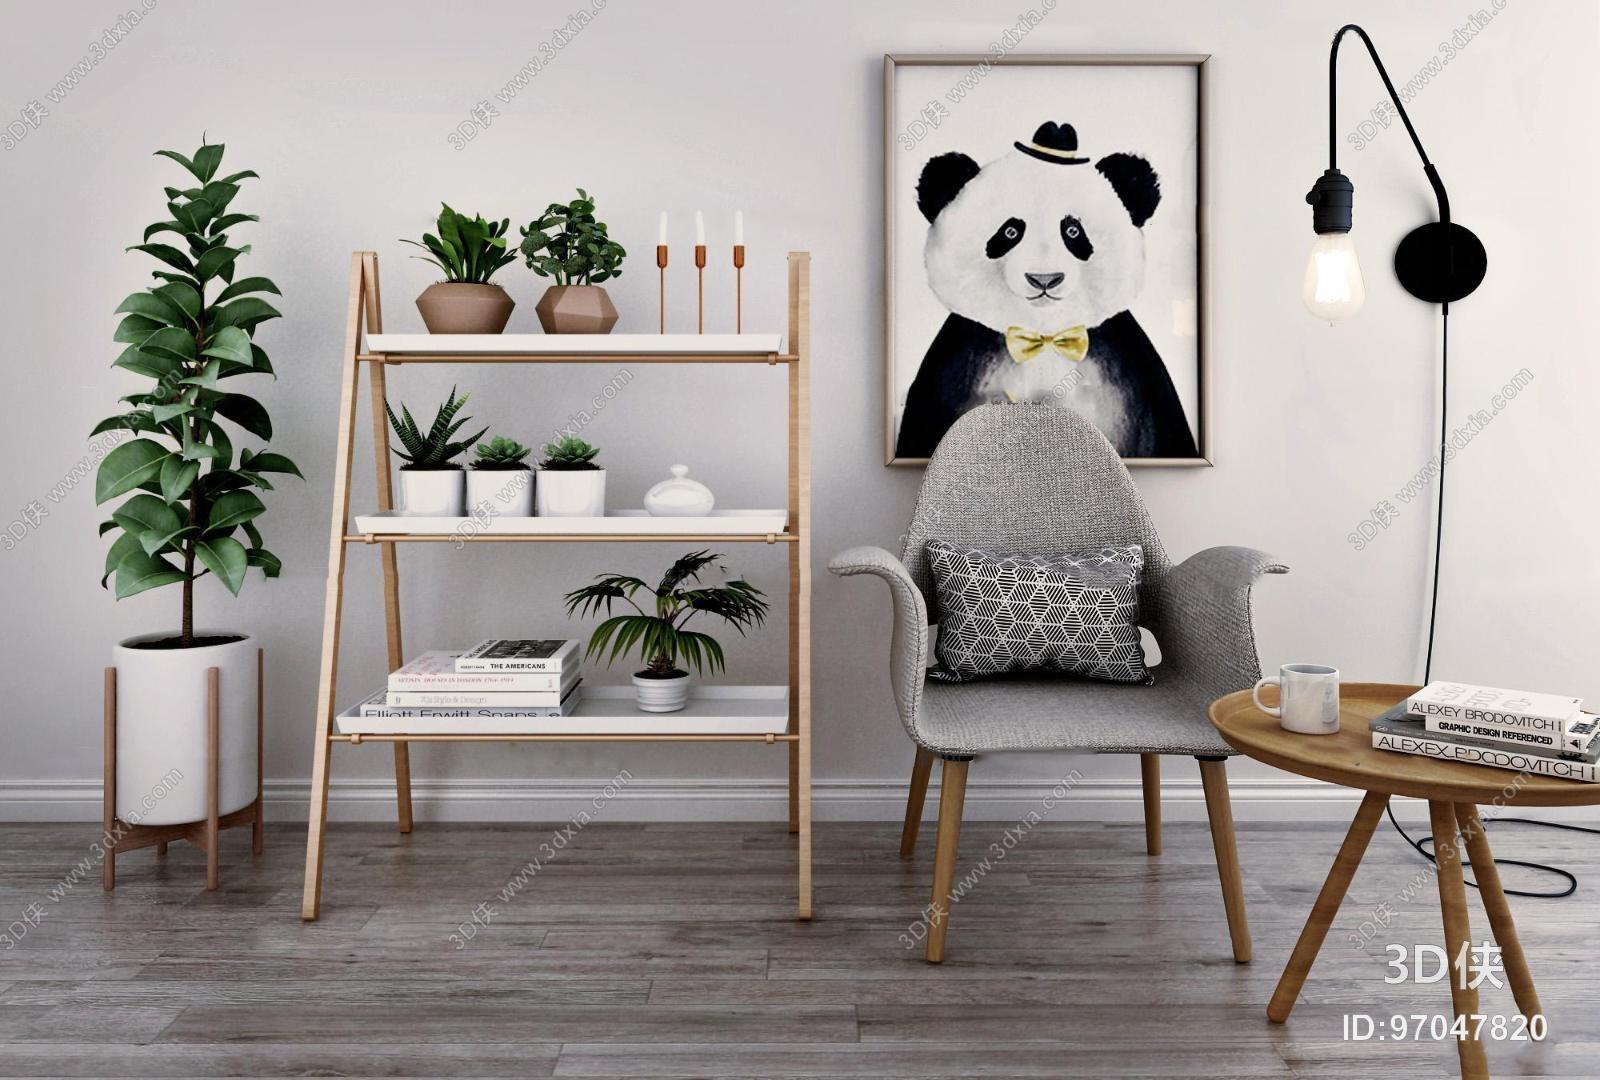 北欧植物装饰架休闲椅装饰画组合3D模型